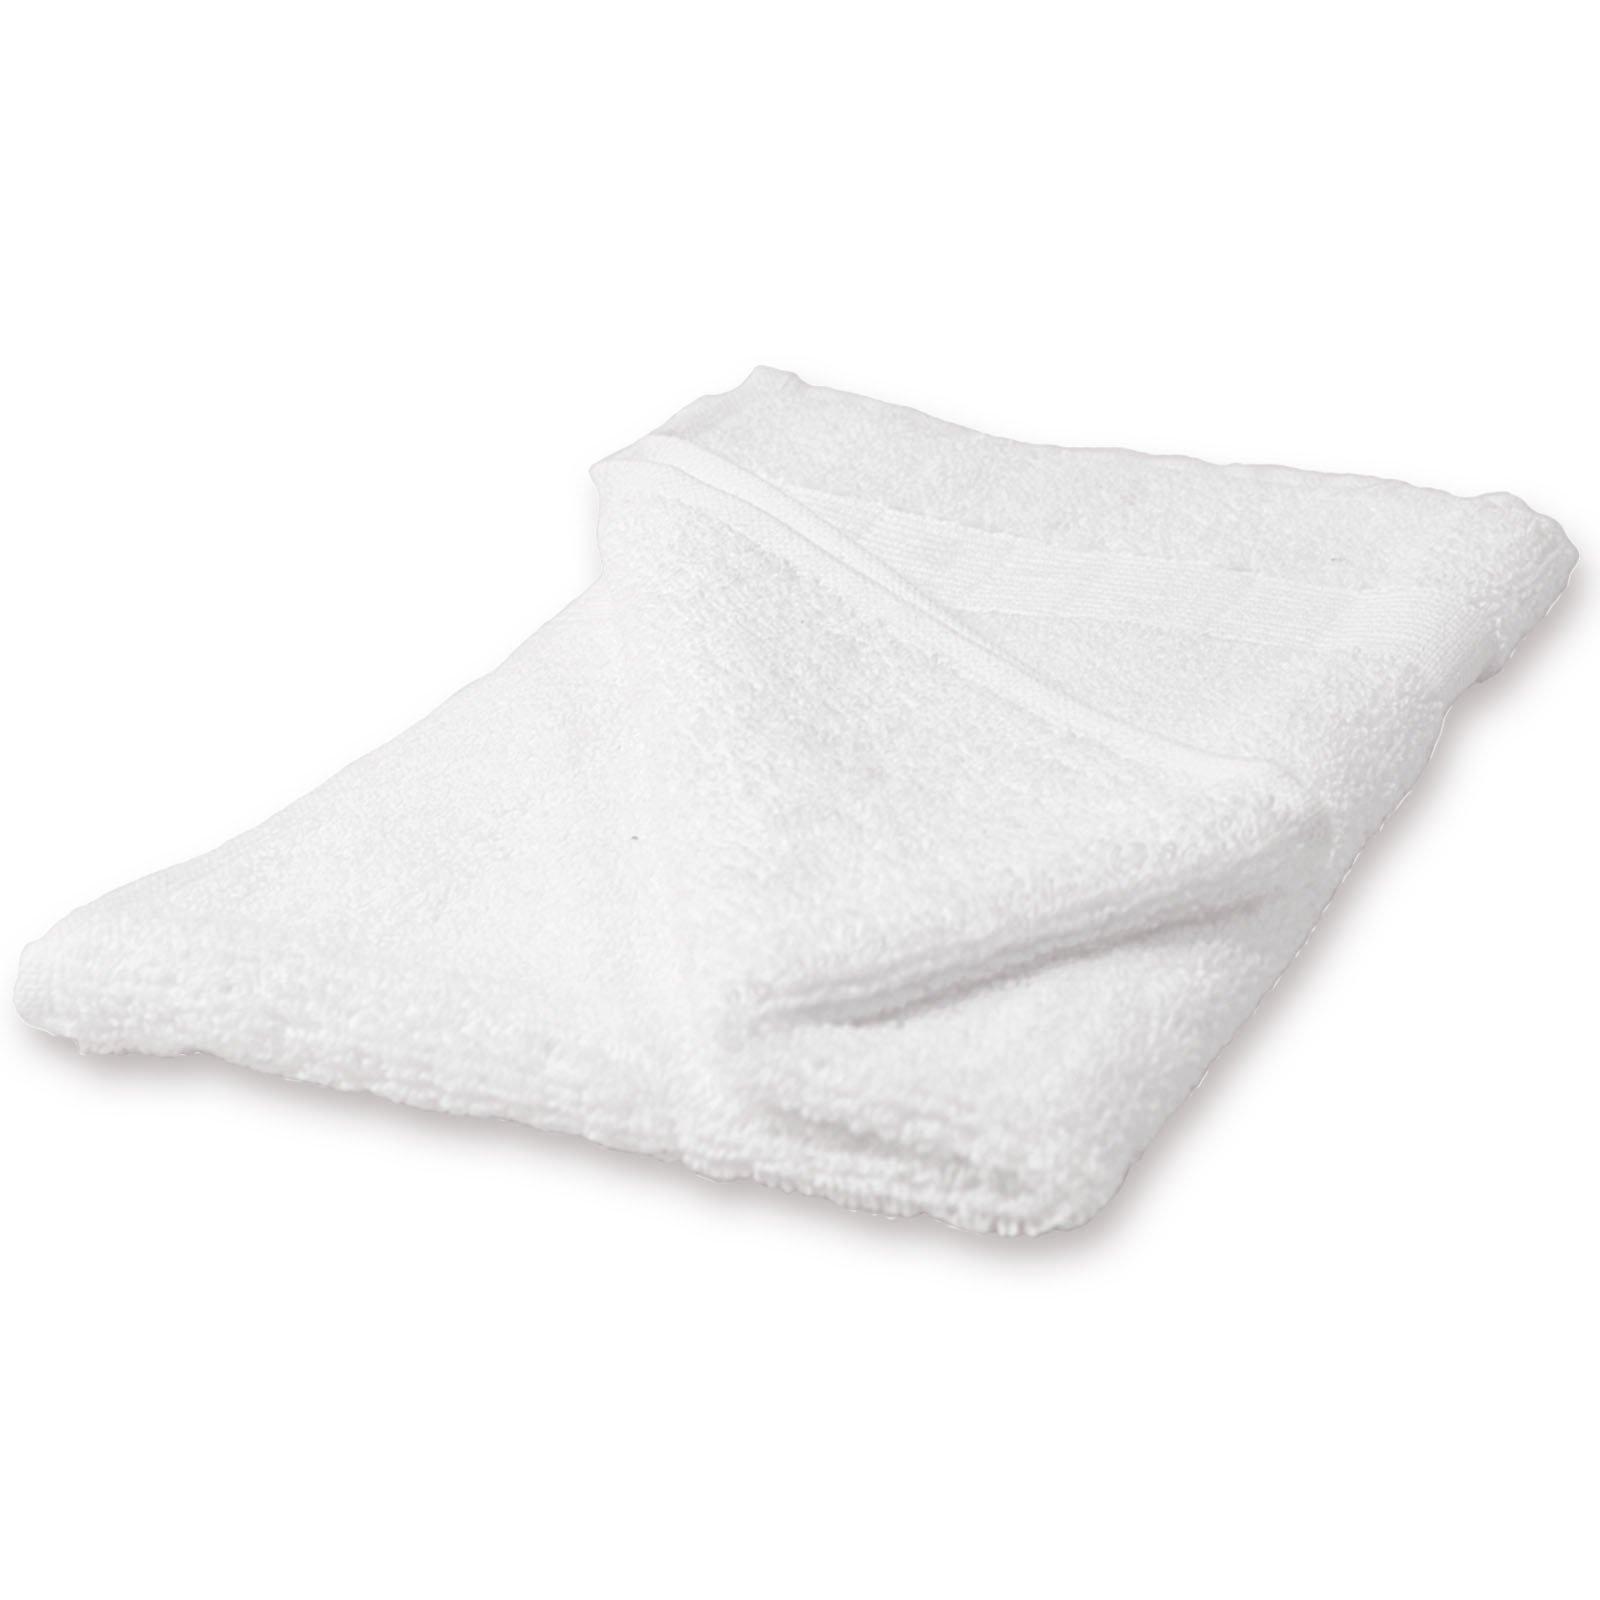 Gästehandtuch CAESAR - weiß - Baumwolle - 30x50 cm